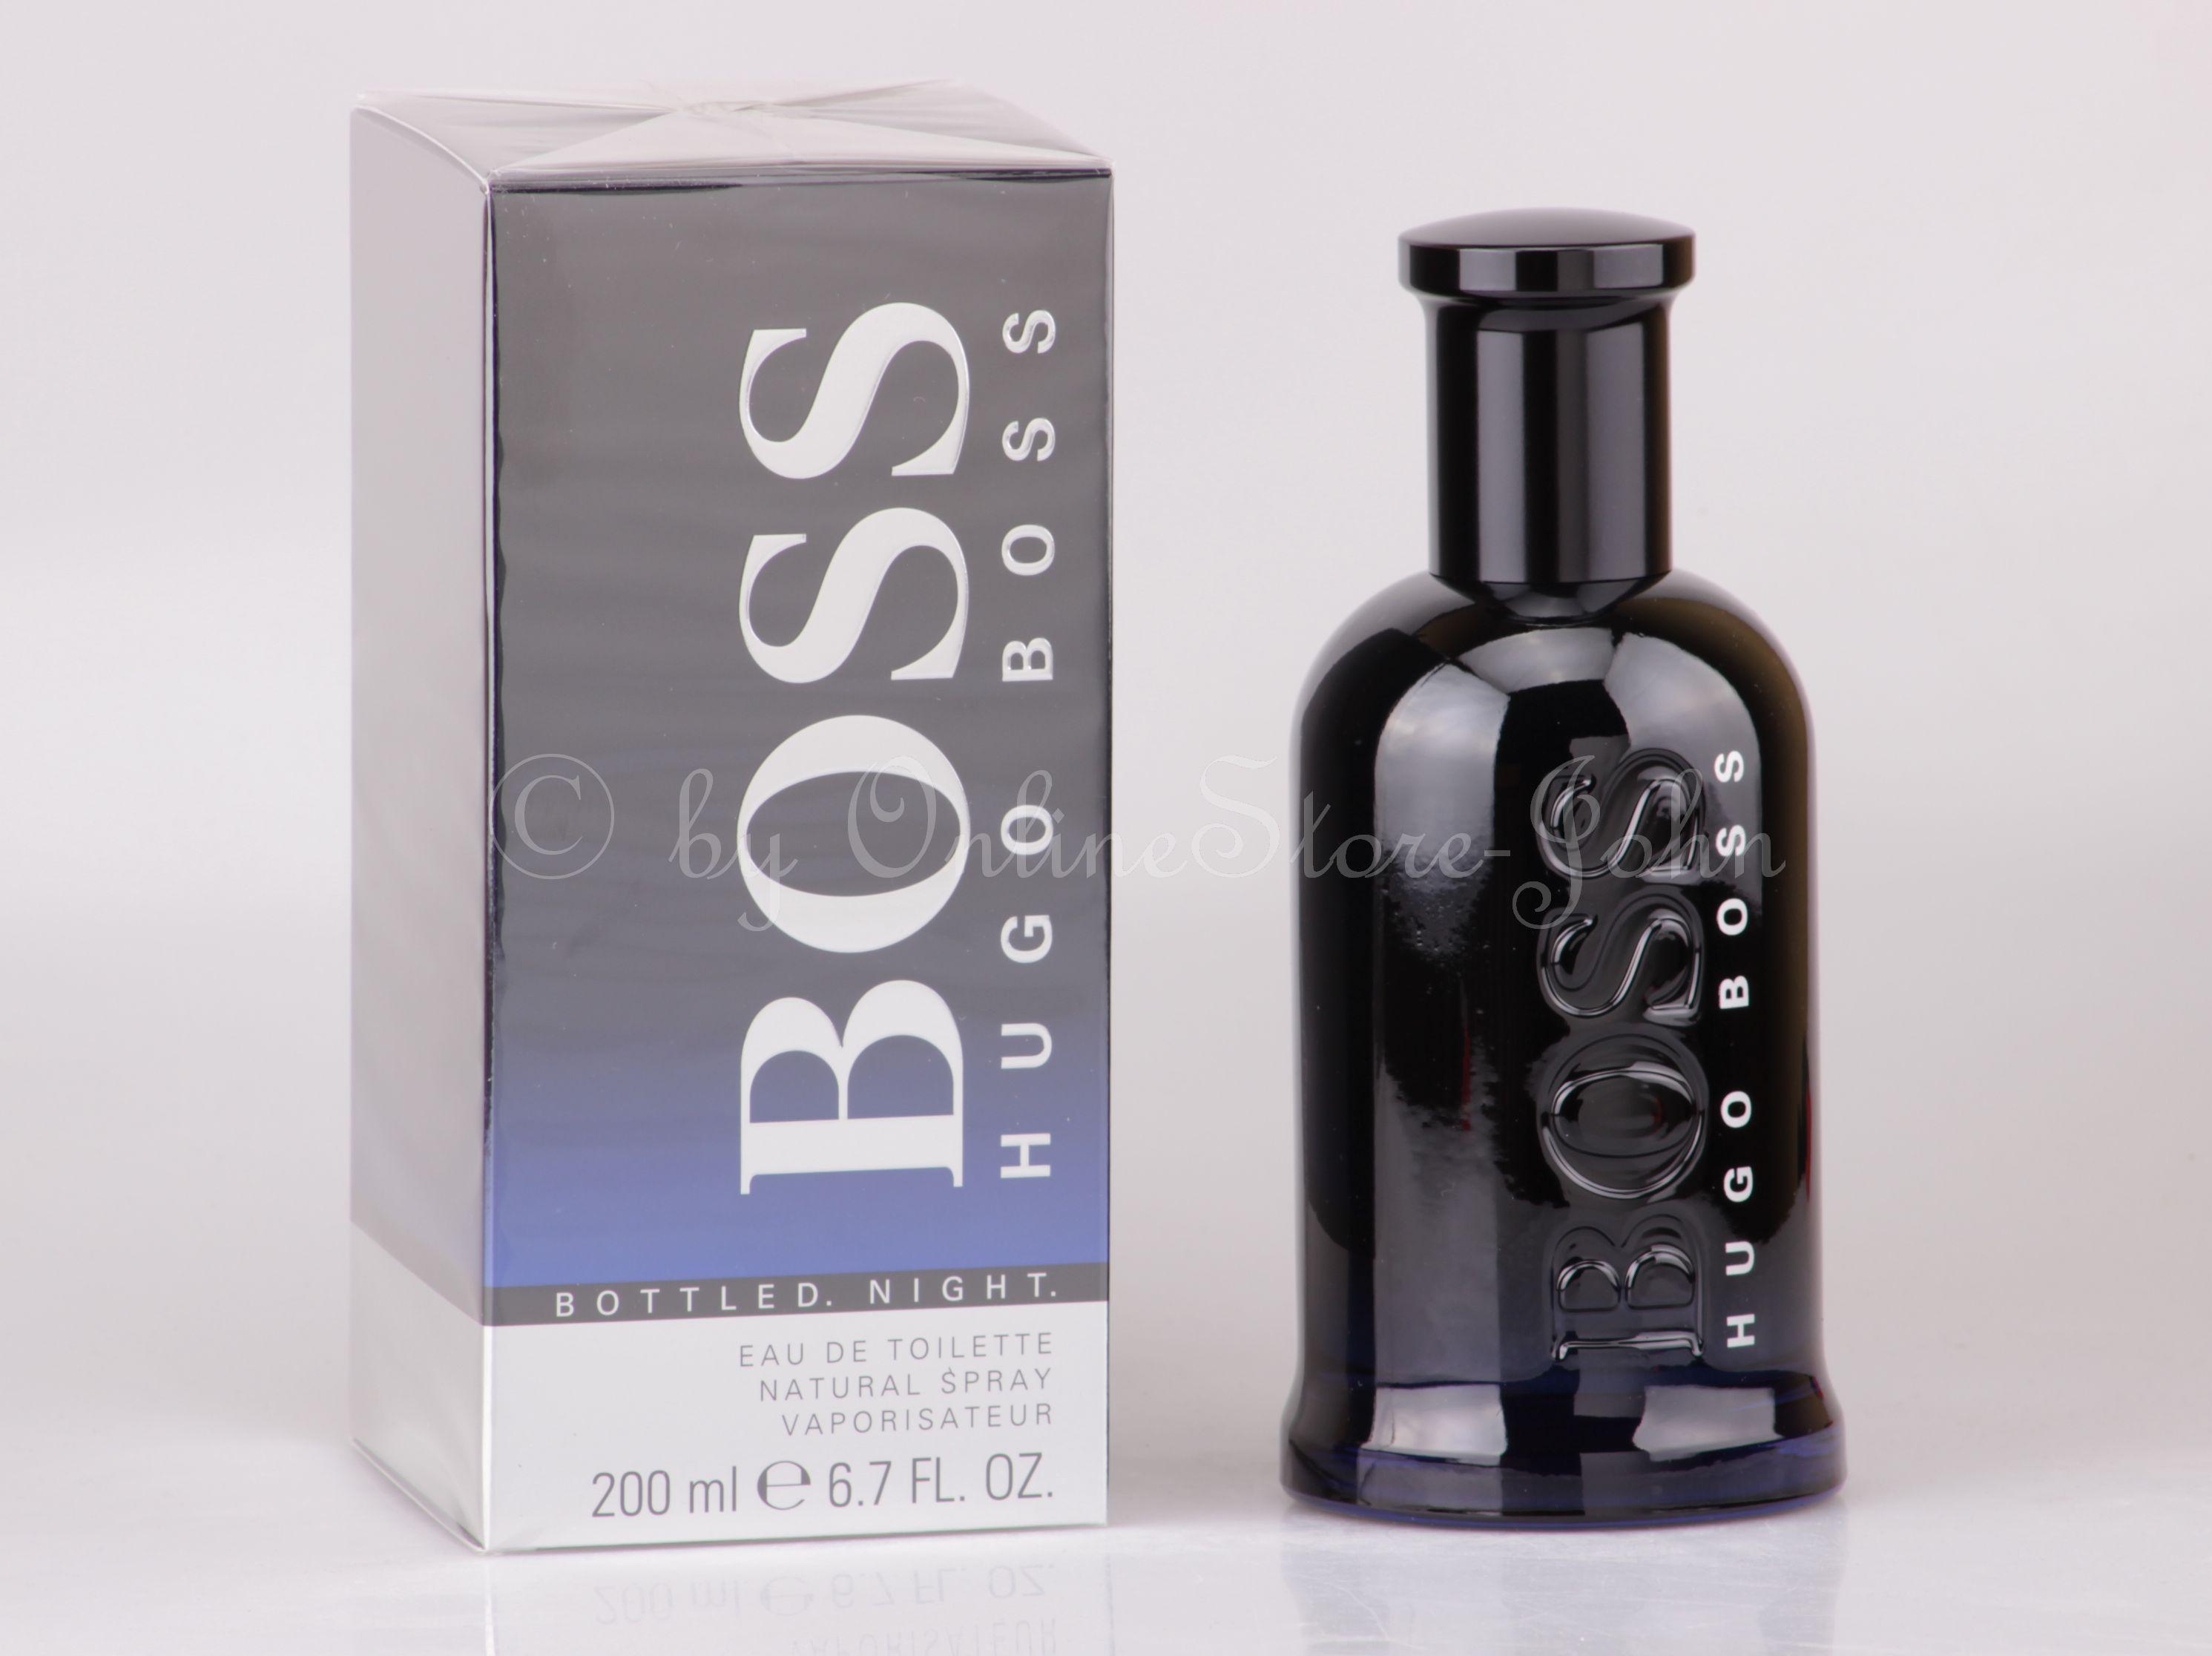 hugo boss mens perfume 200ml ladies perfume. Black Bedroom Furniture Sets. Home Design Ideas